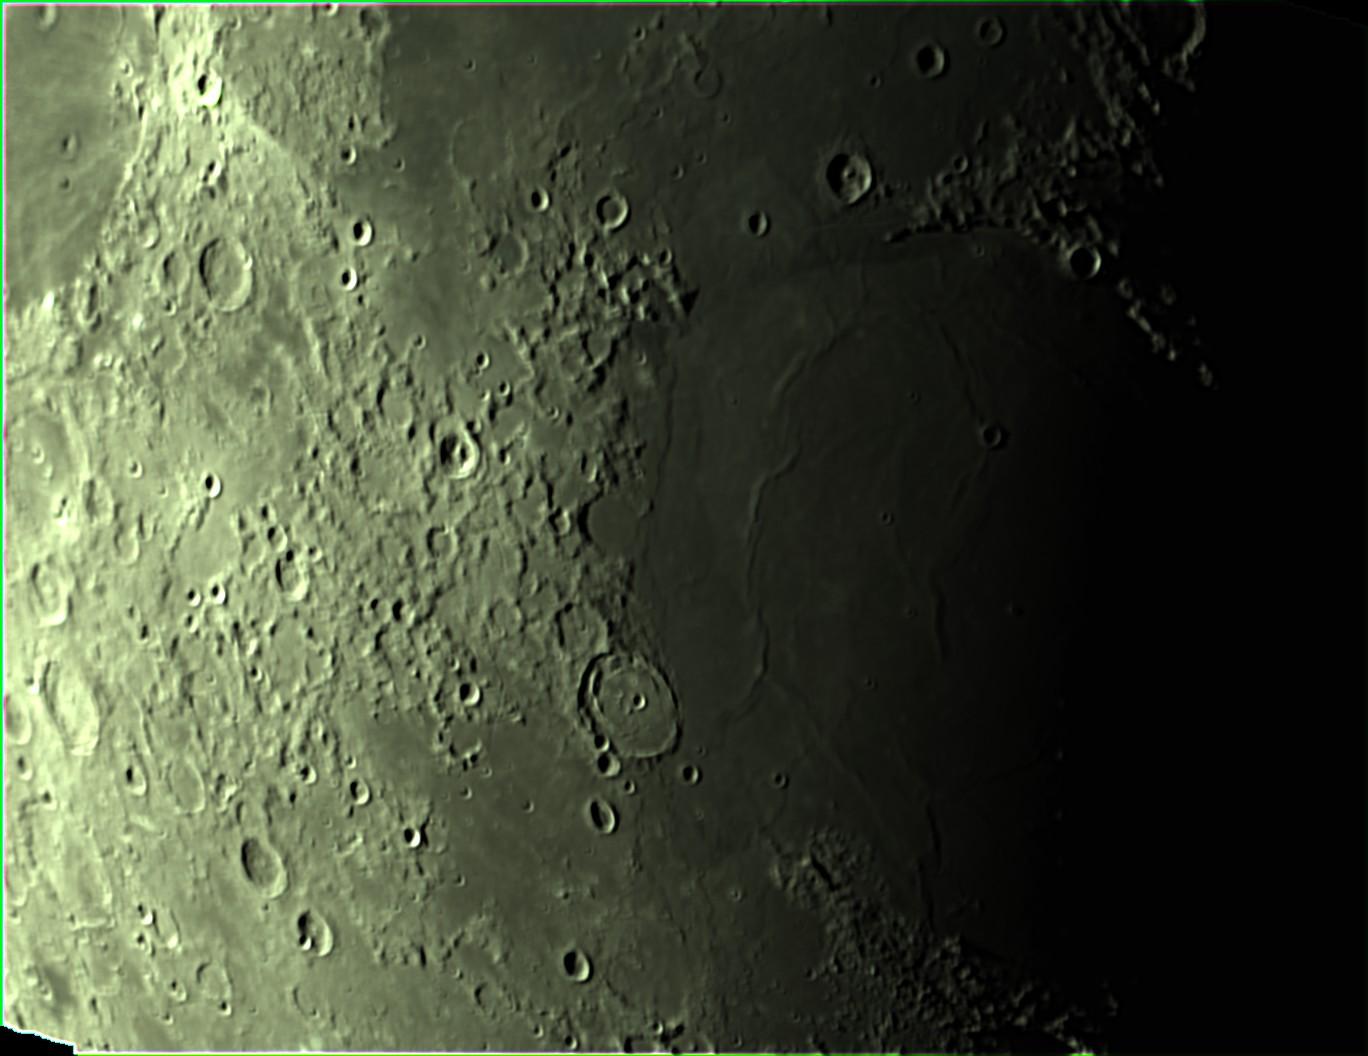 Moon_20170304_2